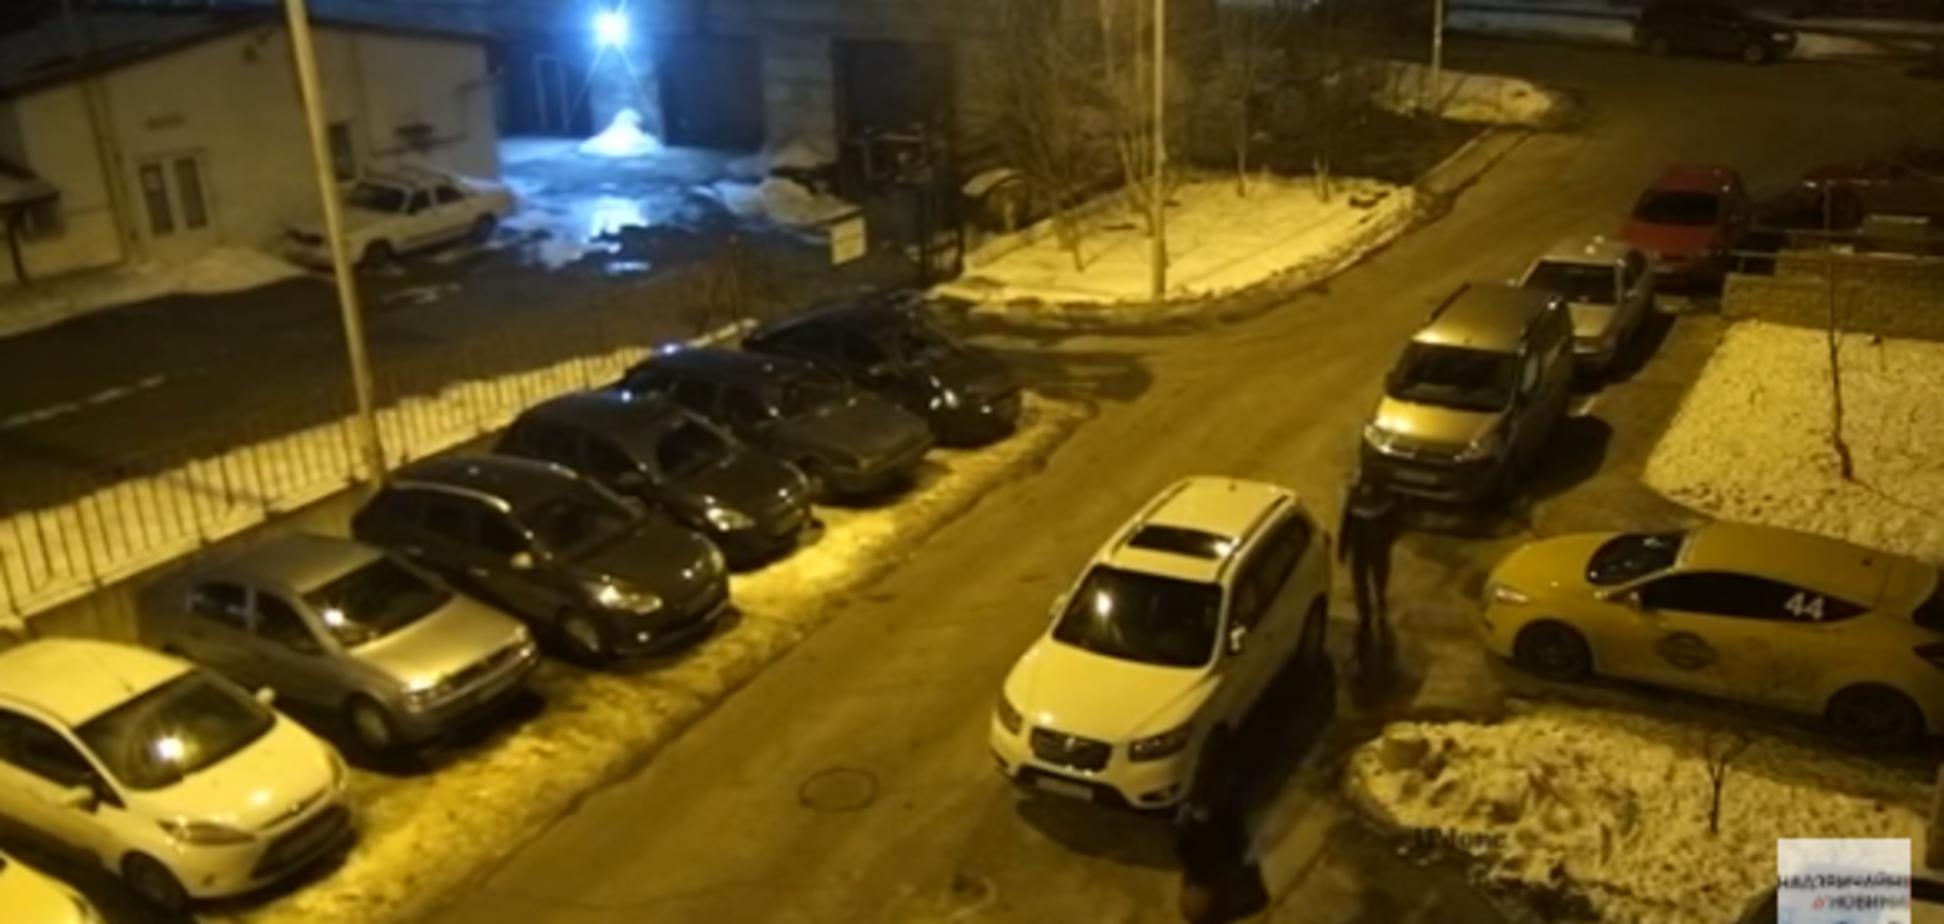 Эпопея с 'маньяком' в Киеве: появилось видео преследования жертвы